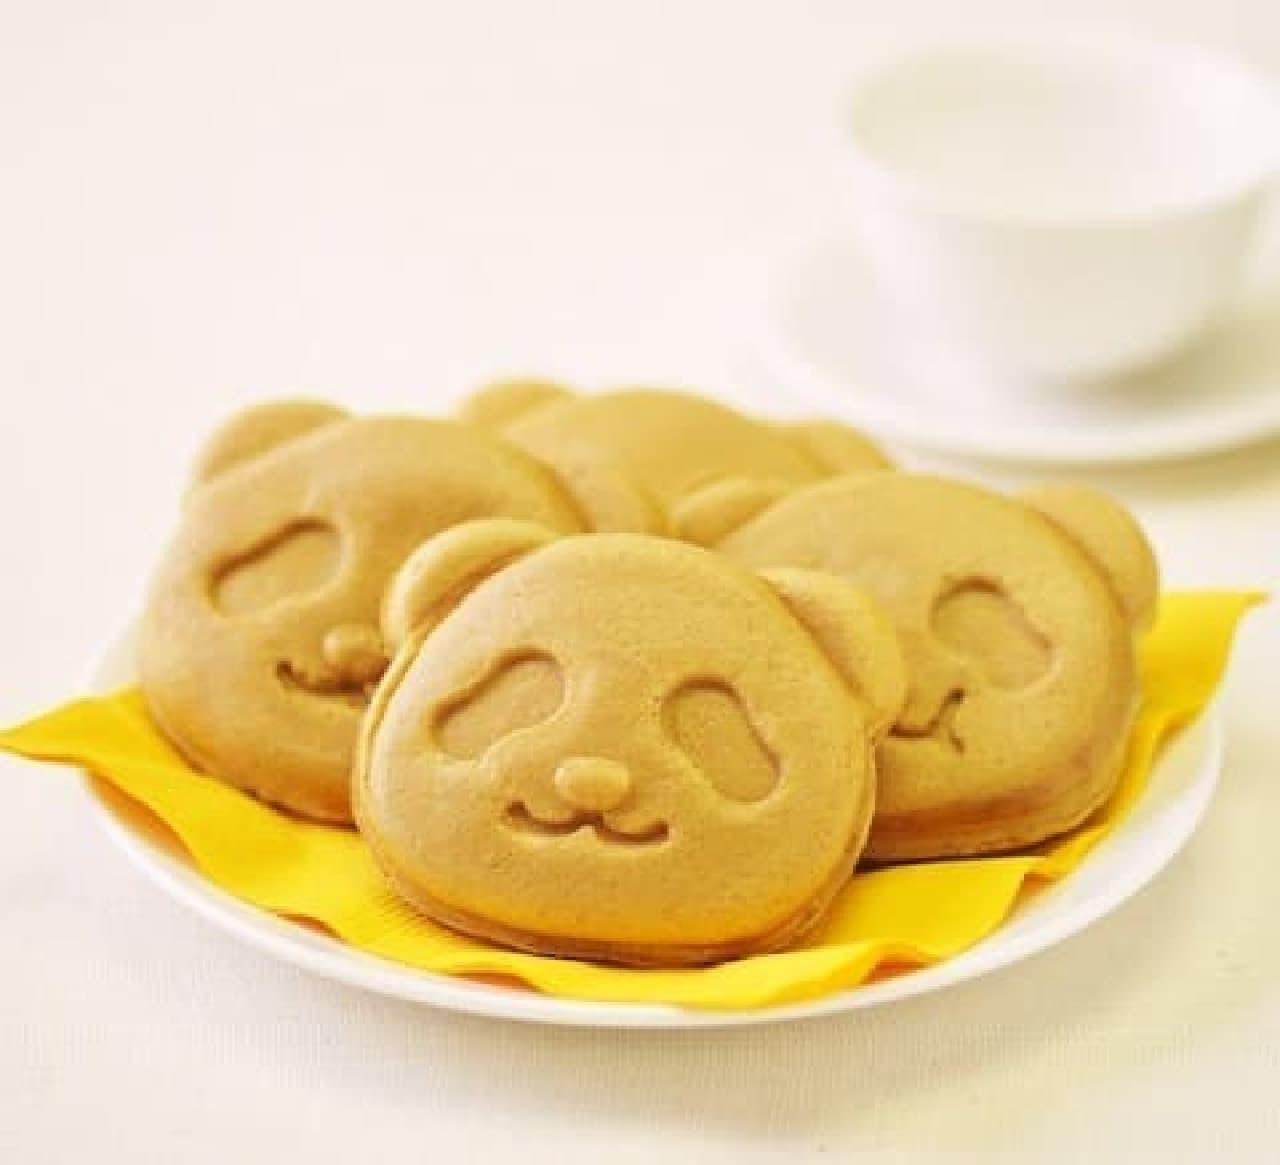 銀座コージーコーナーの上野公園ルエノ店「パンダ焼き(ほろにが抹茶)」